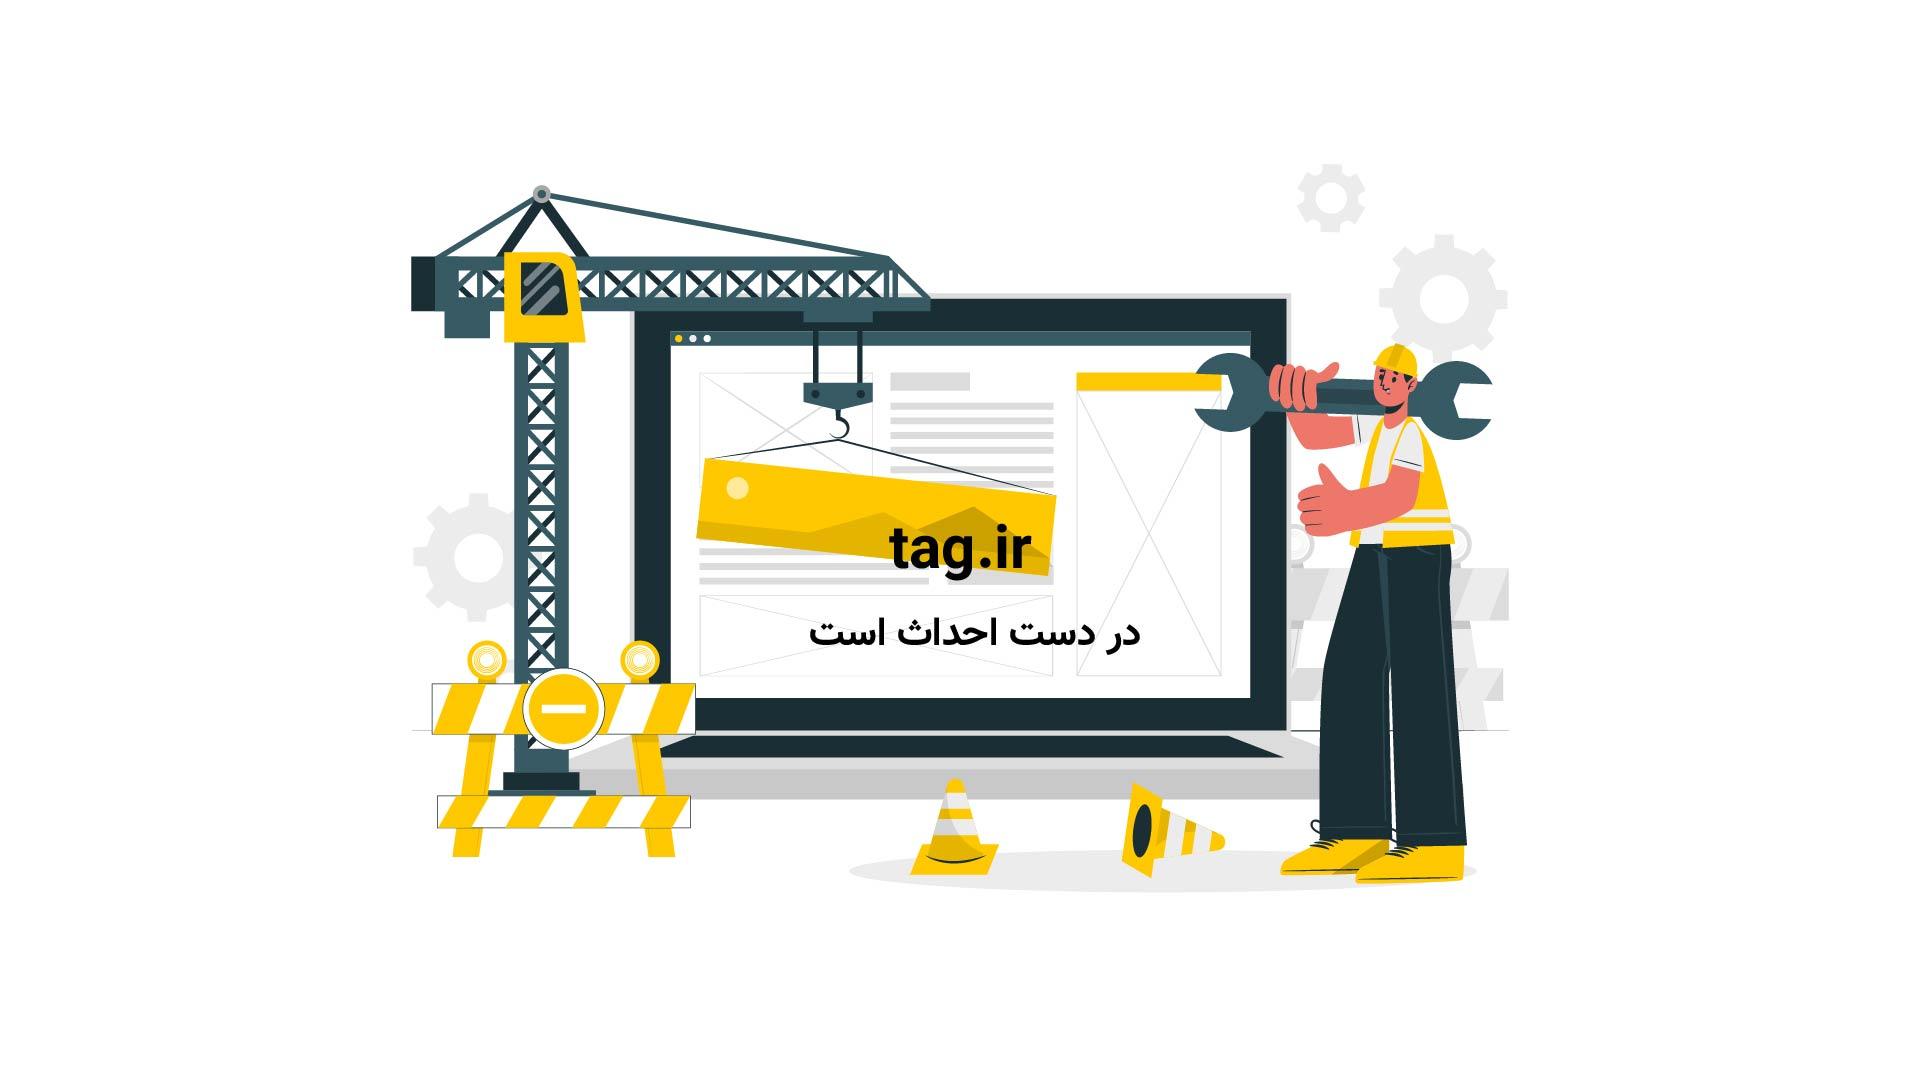 بادکنک بازی خرس | تگ